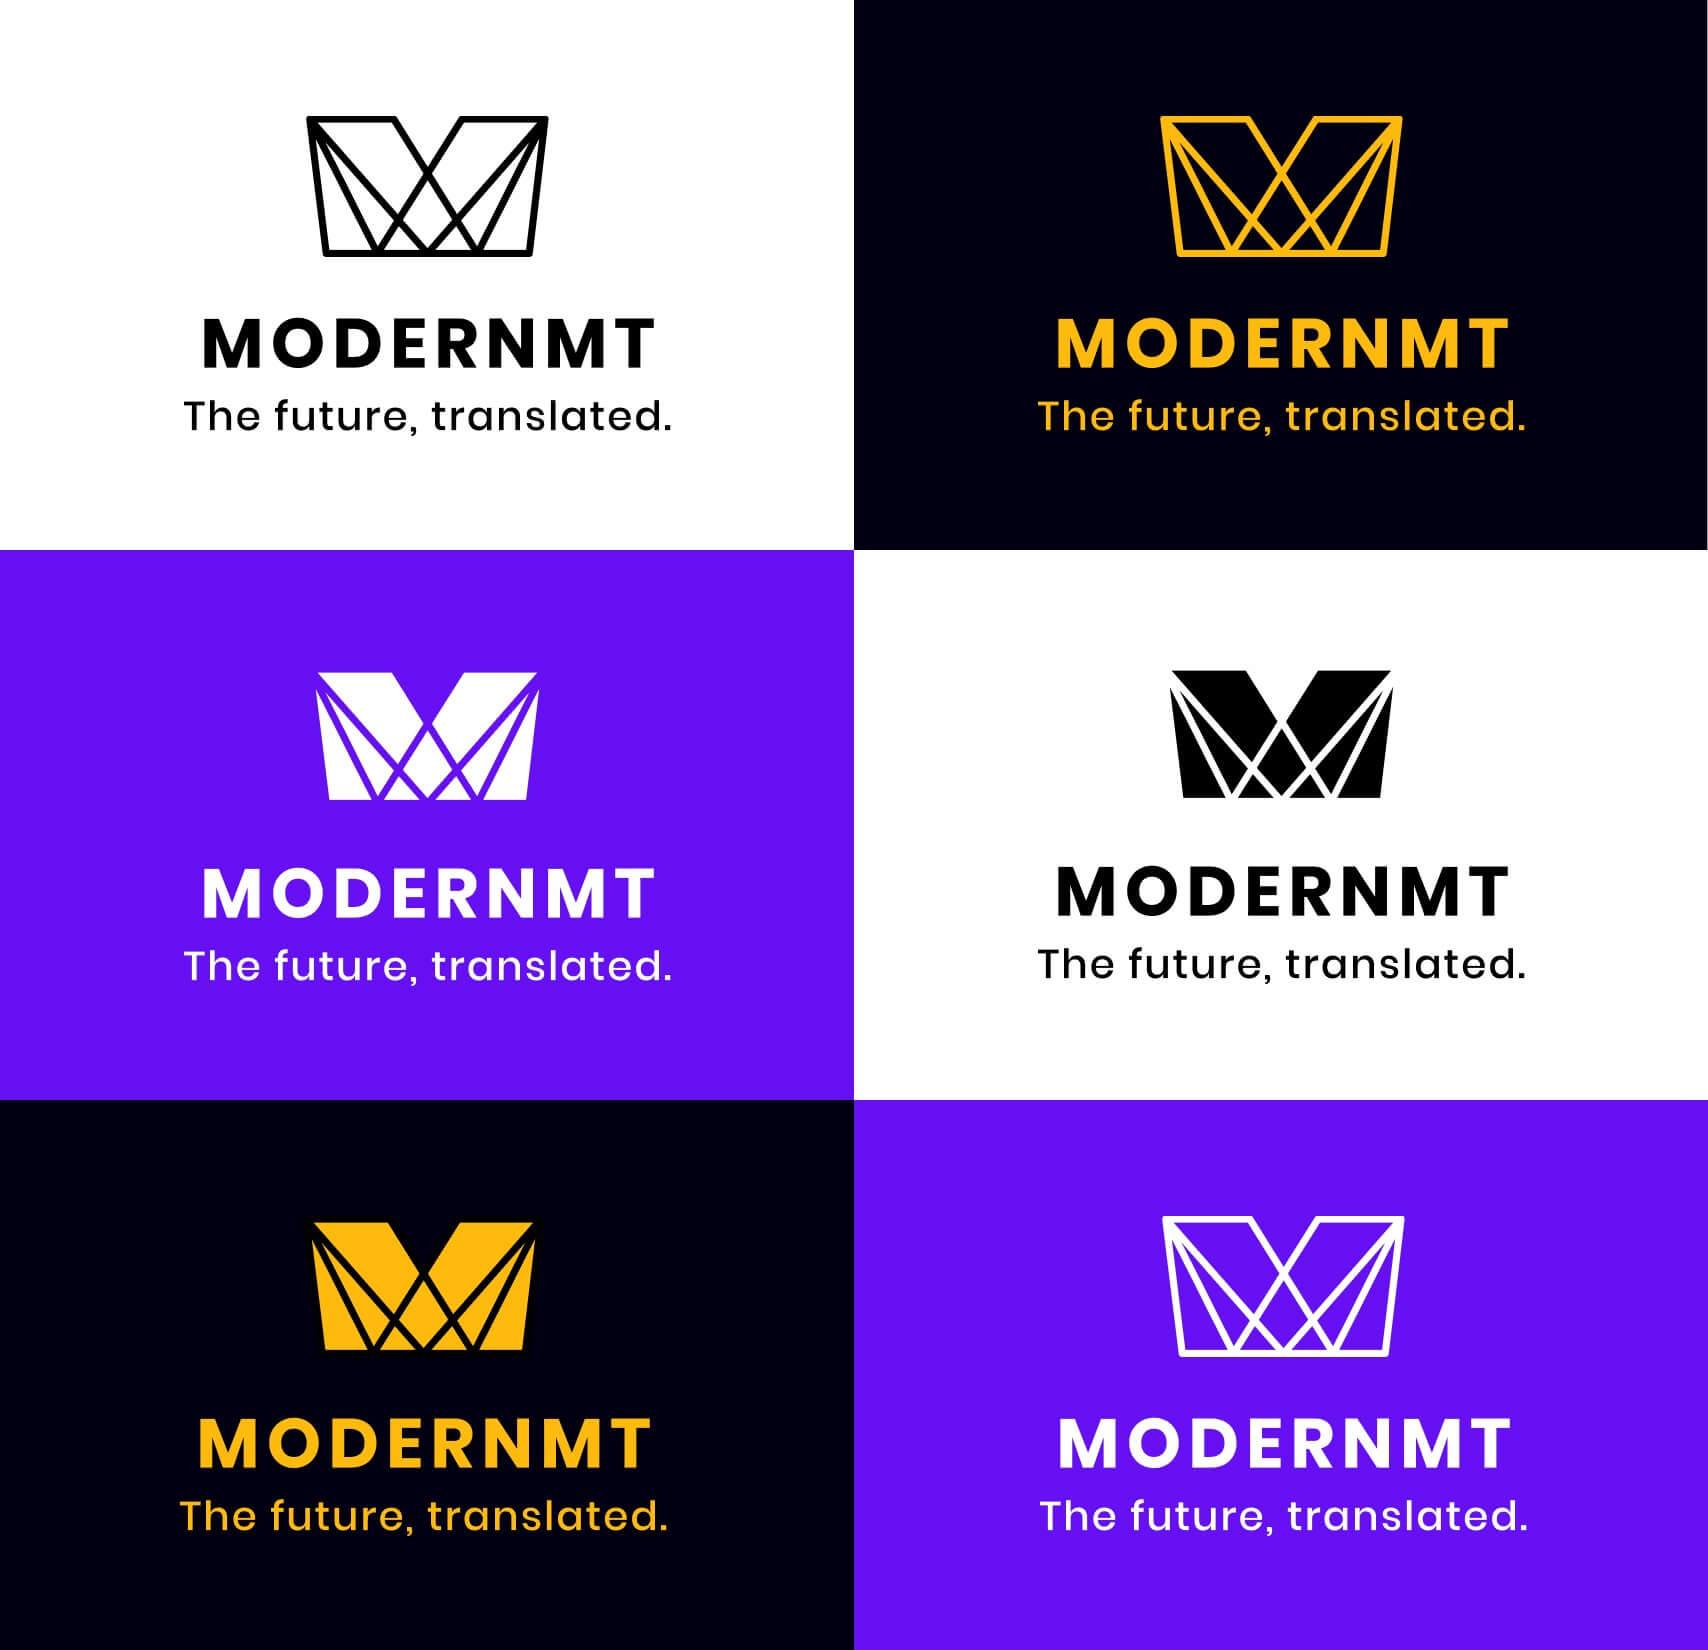 ModernMTVertical ModernMT 3 Baasbox